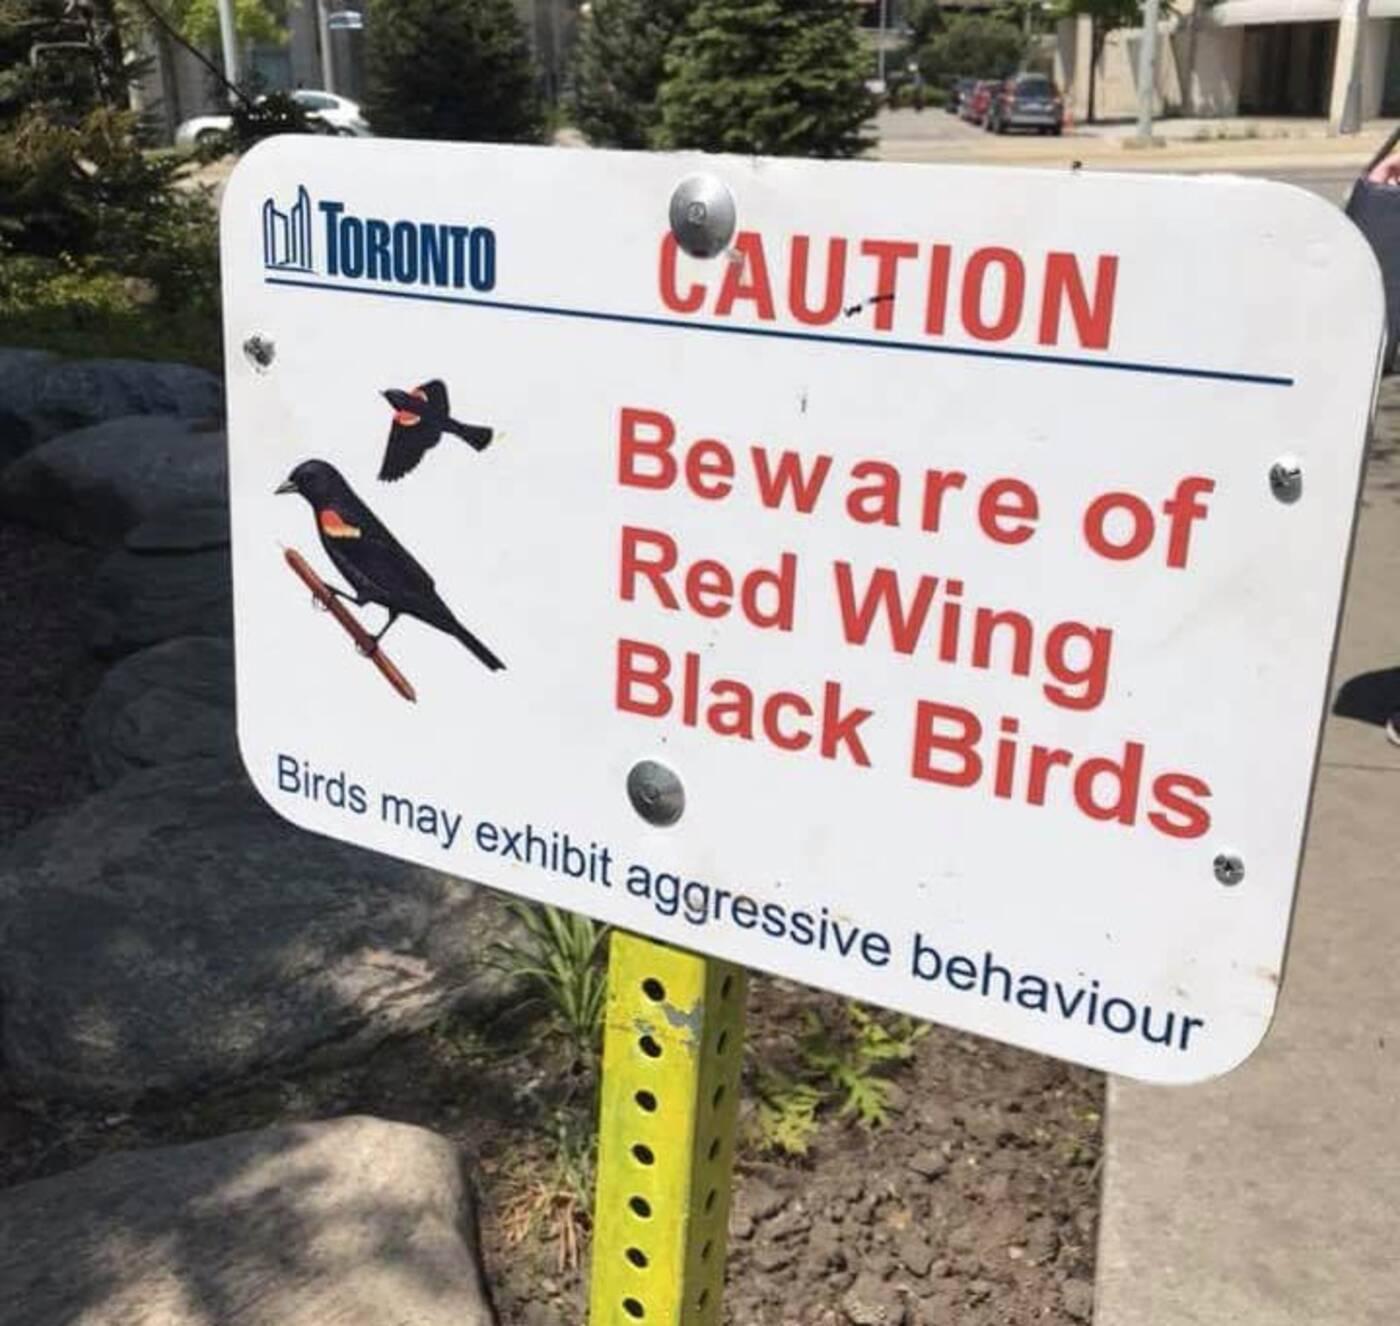 red wing blackbird attacks